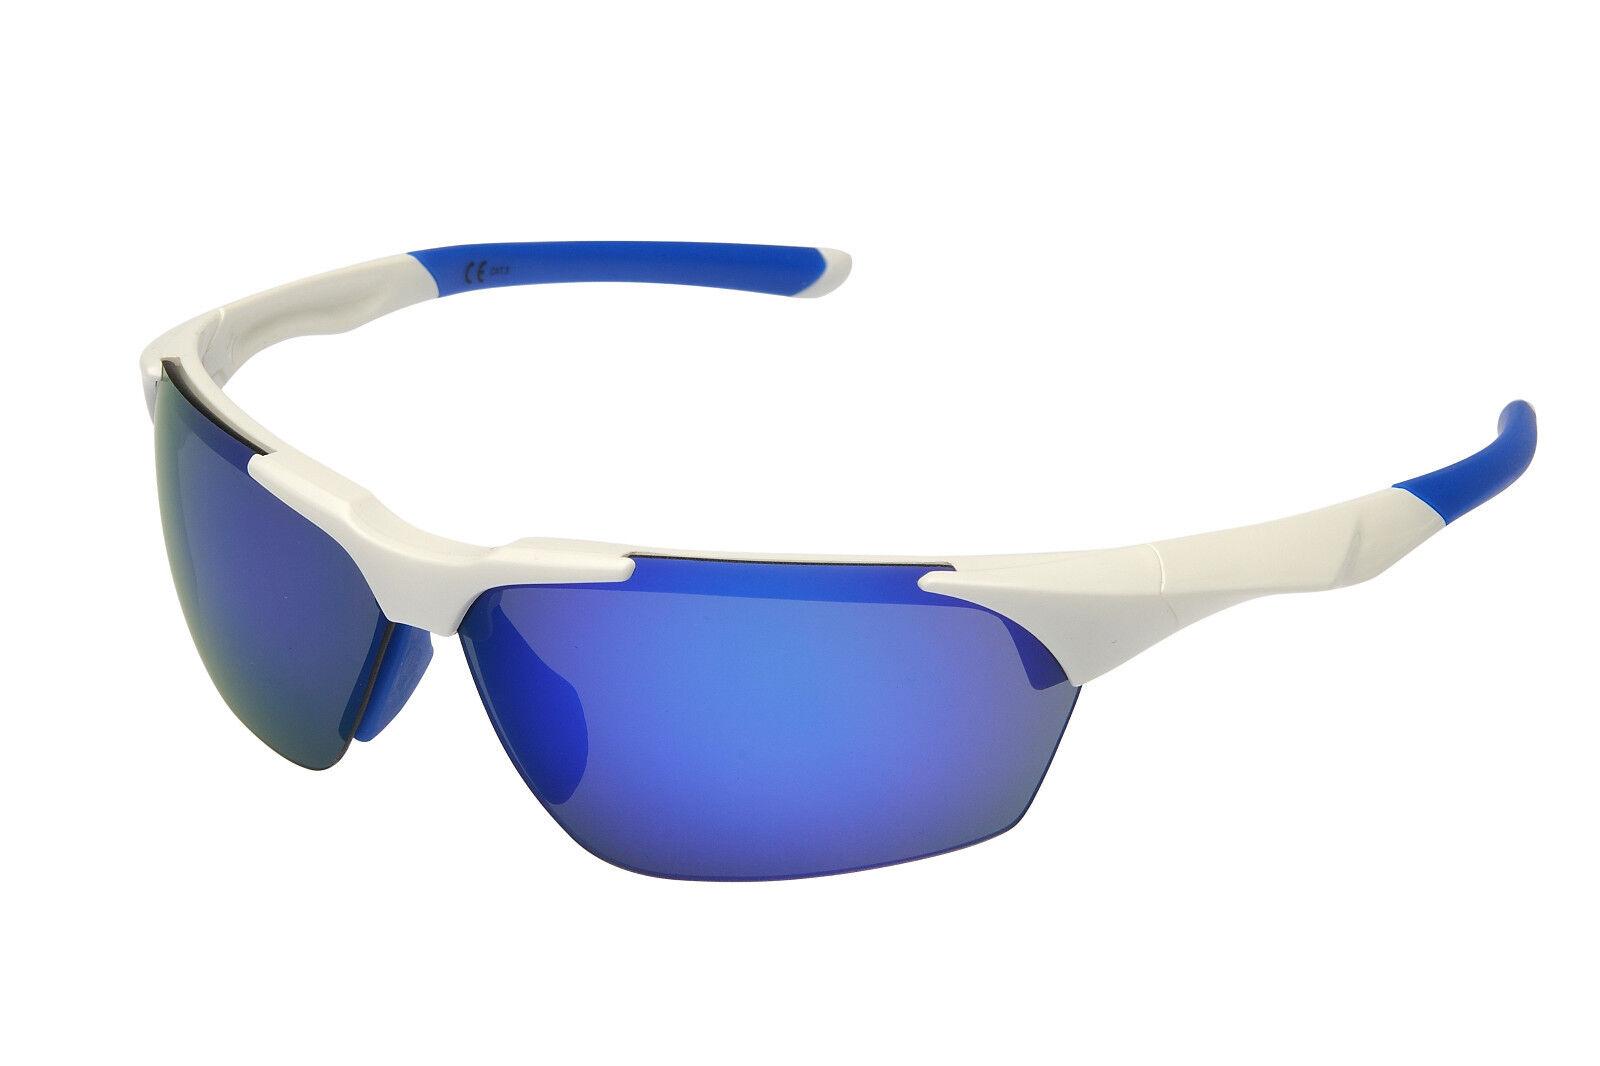 Мужские солнцезащитные очки Sonnenbrille Stadionbrille Blau Weiß Auch für  alte Dame - Berlin Fans - 332532055934 - купить на eBay.com (США) с  доставкой в ... a7c5c5d50e25c